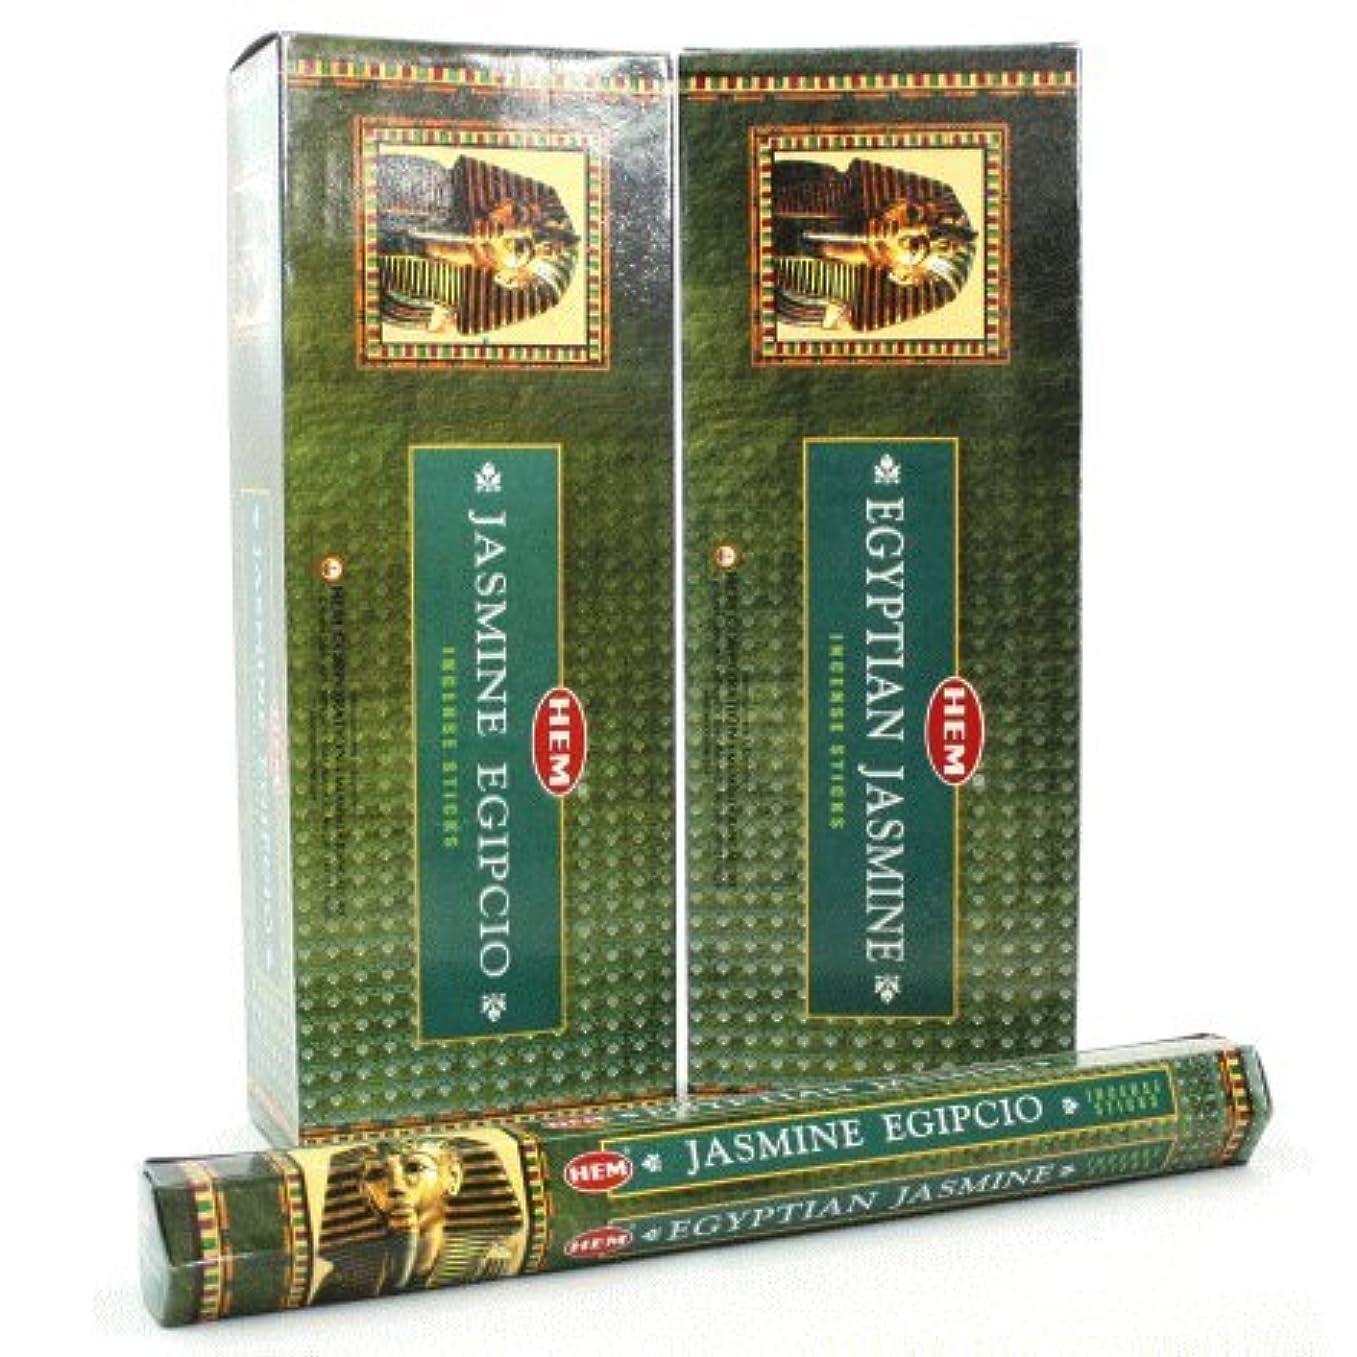 最大のレビュアーホイップHEM エジプシャン ジャスミン香 スティック ヘキサパック(六角) 12箱セット HEM EGYPTIAN JASMINE